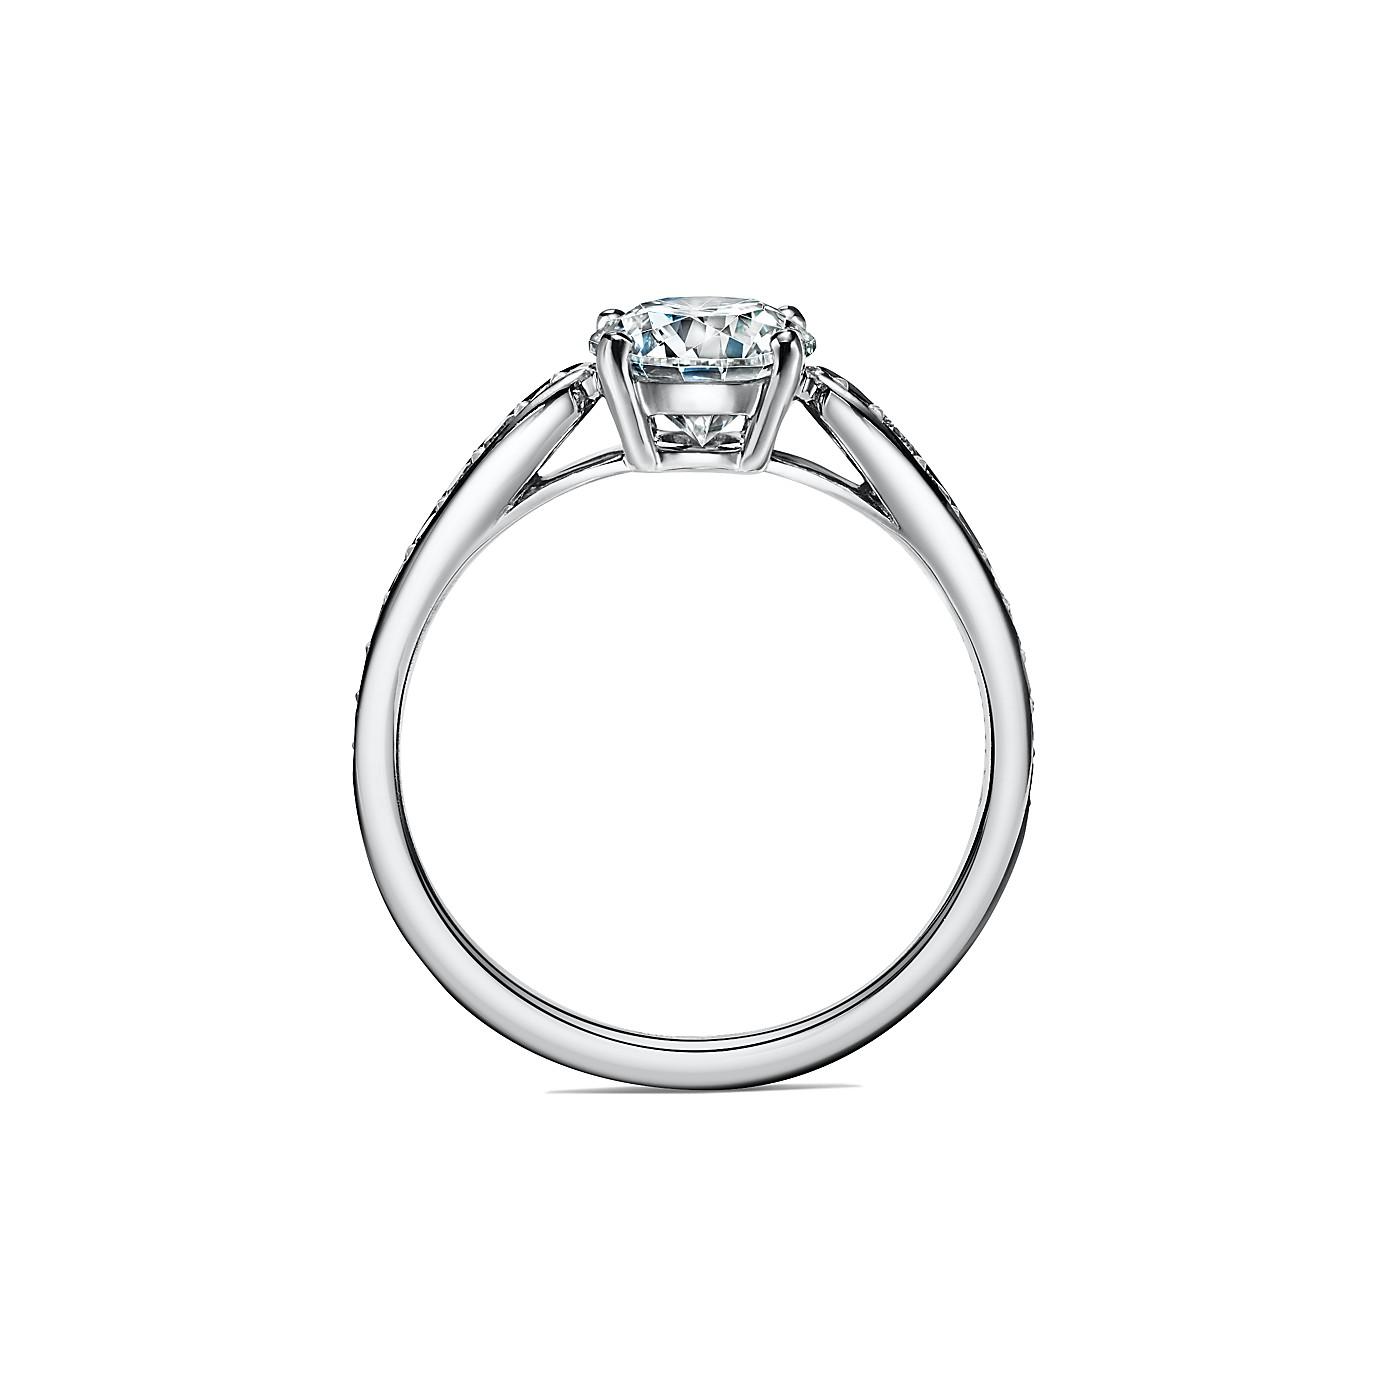 ティファニー ハーモニー エンゲージメント リング ダイヤモンド バンド(2)―Tiffany & Co.(ティファニー)